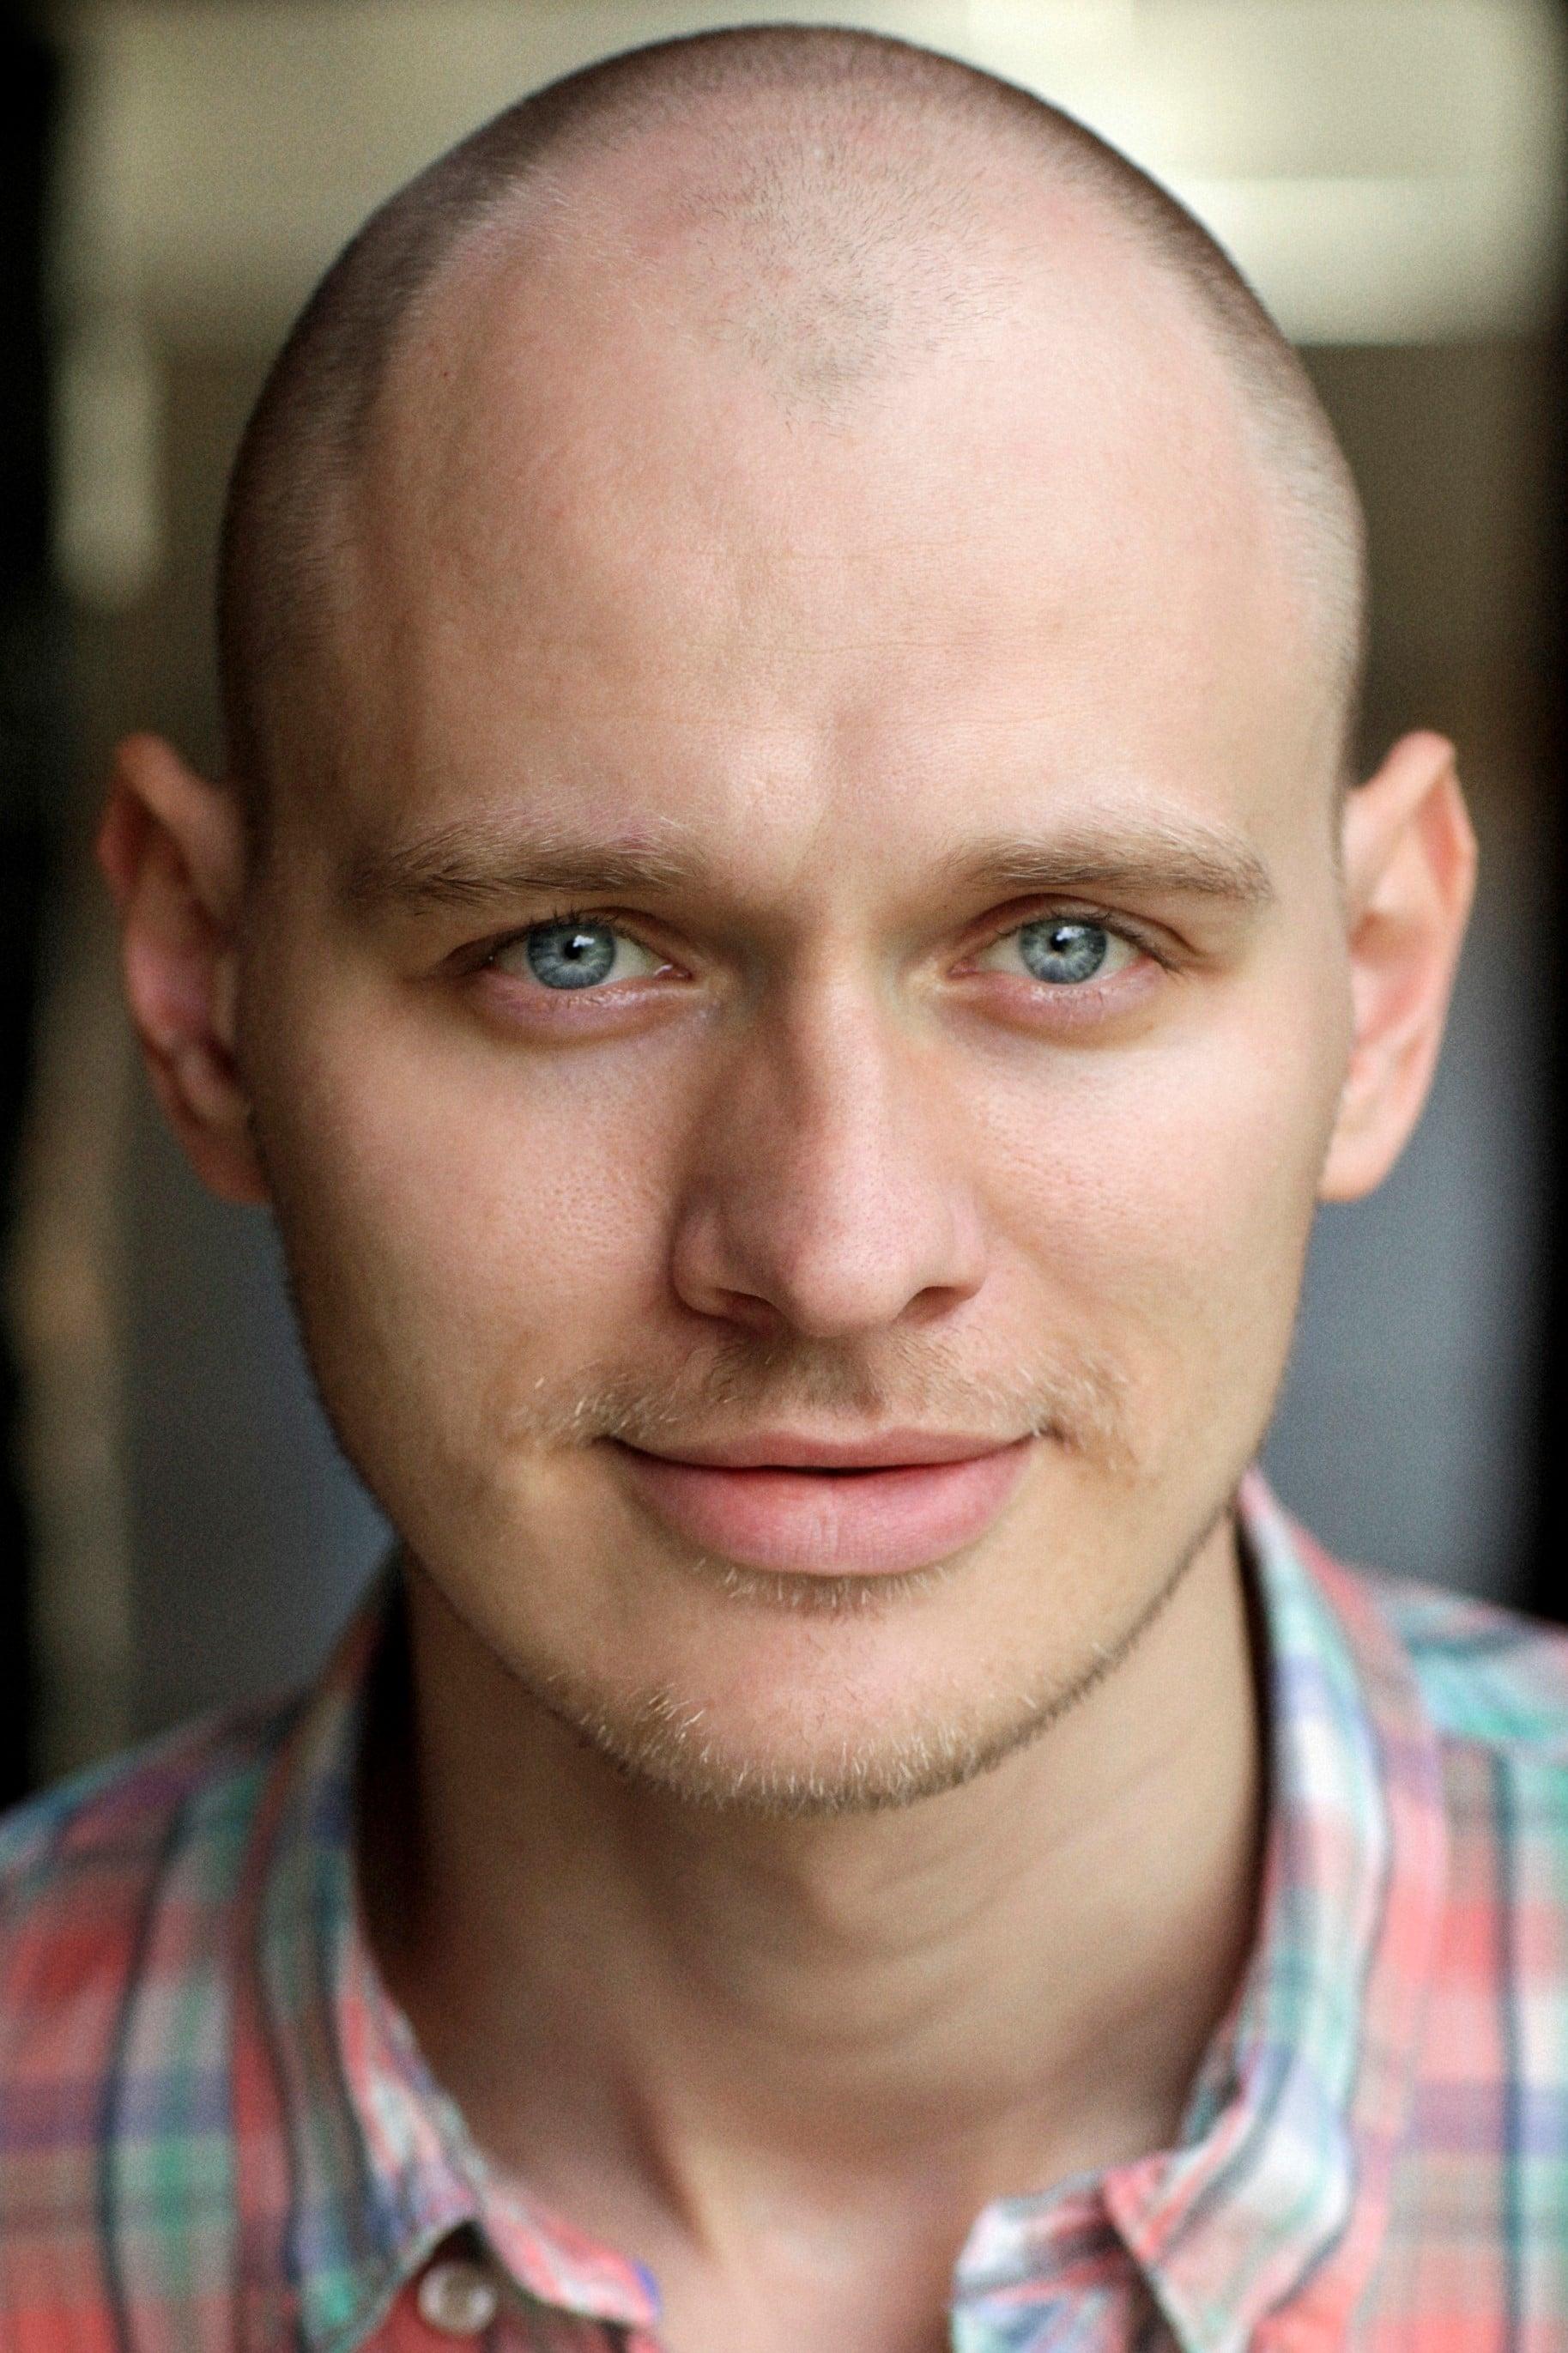 Marko Leht